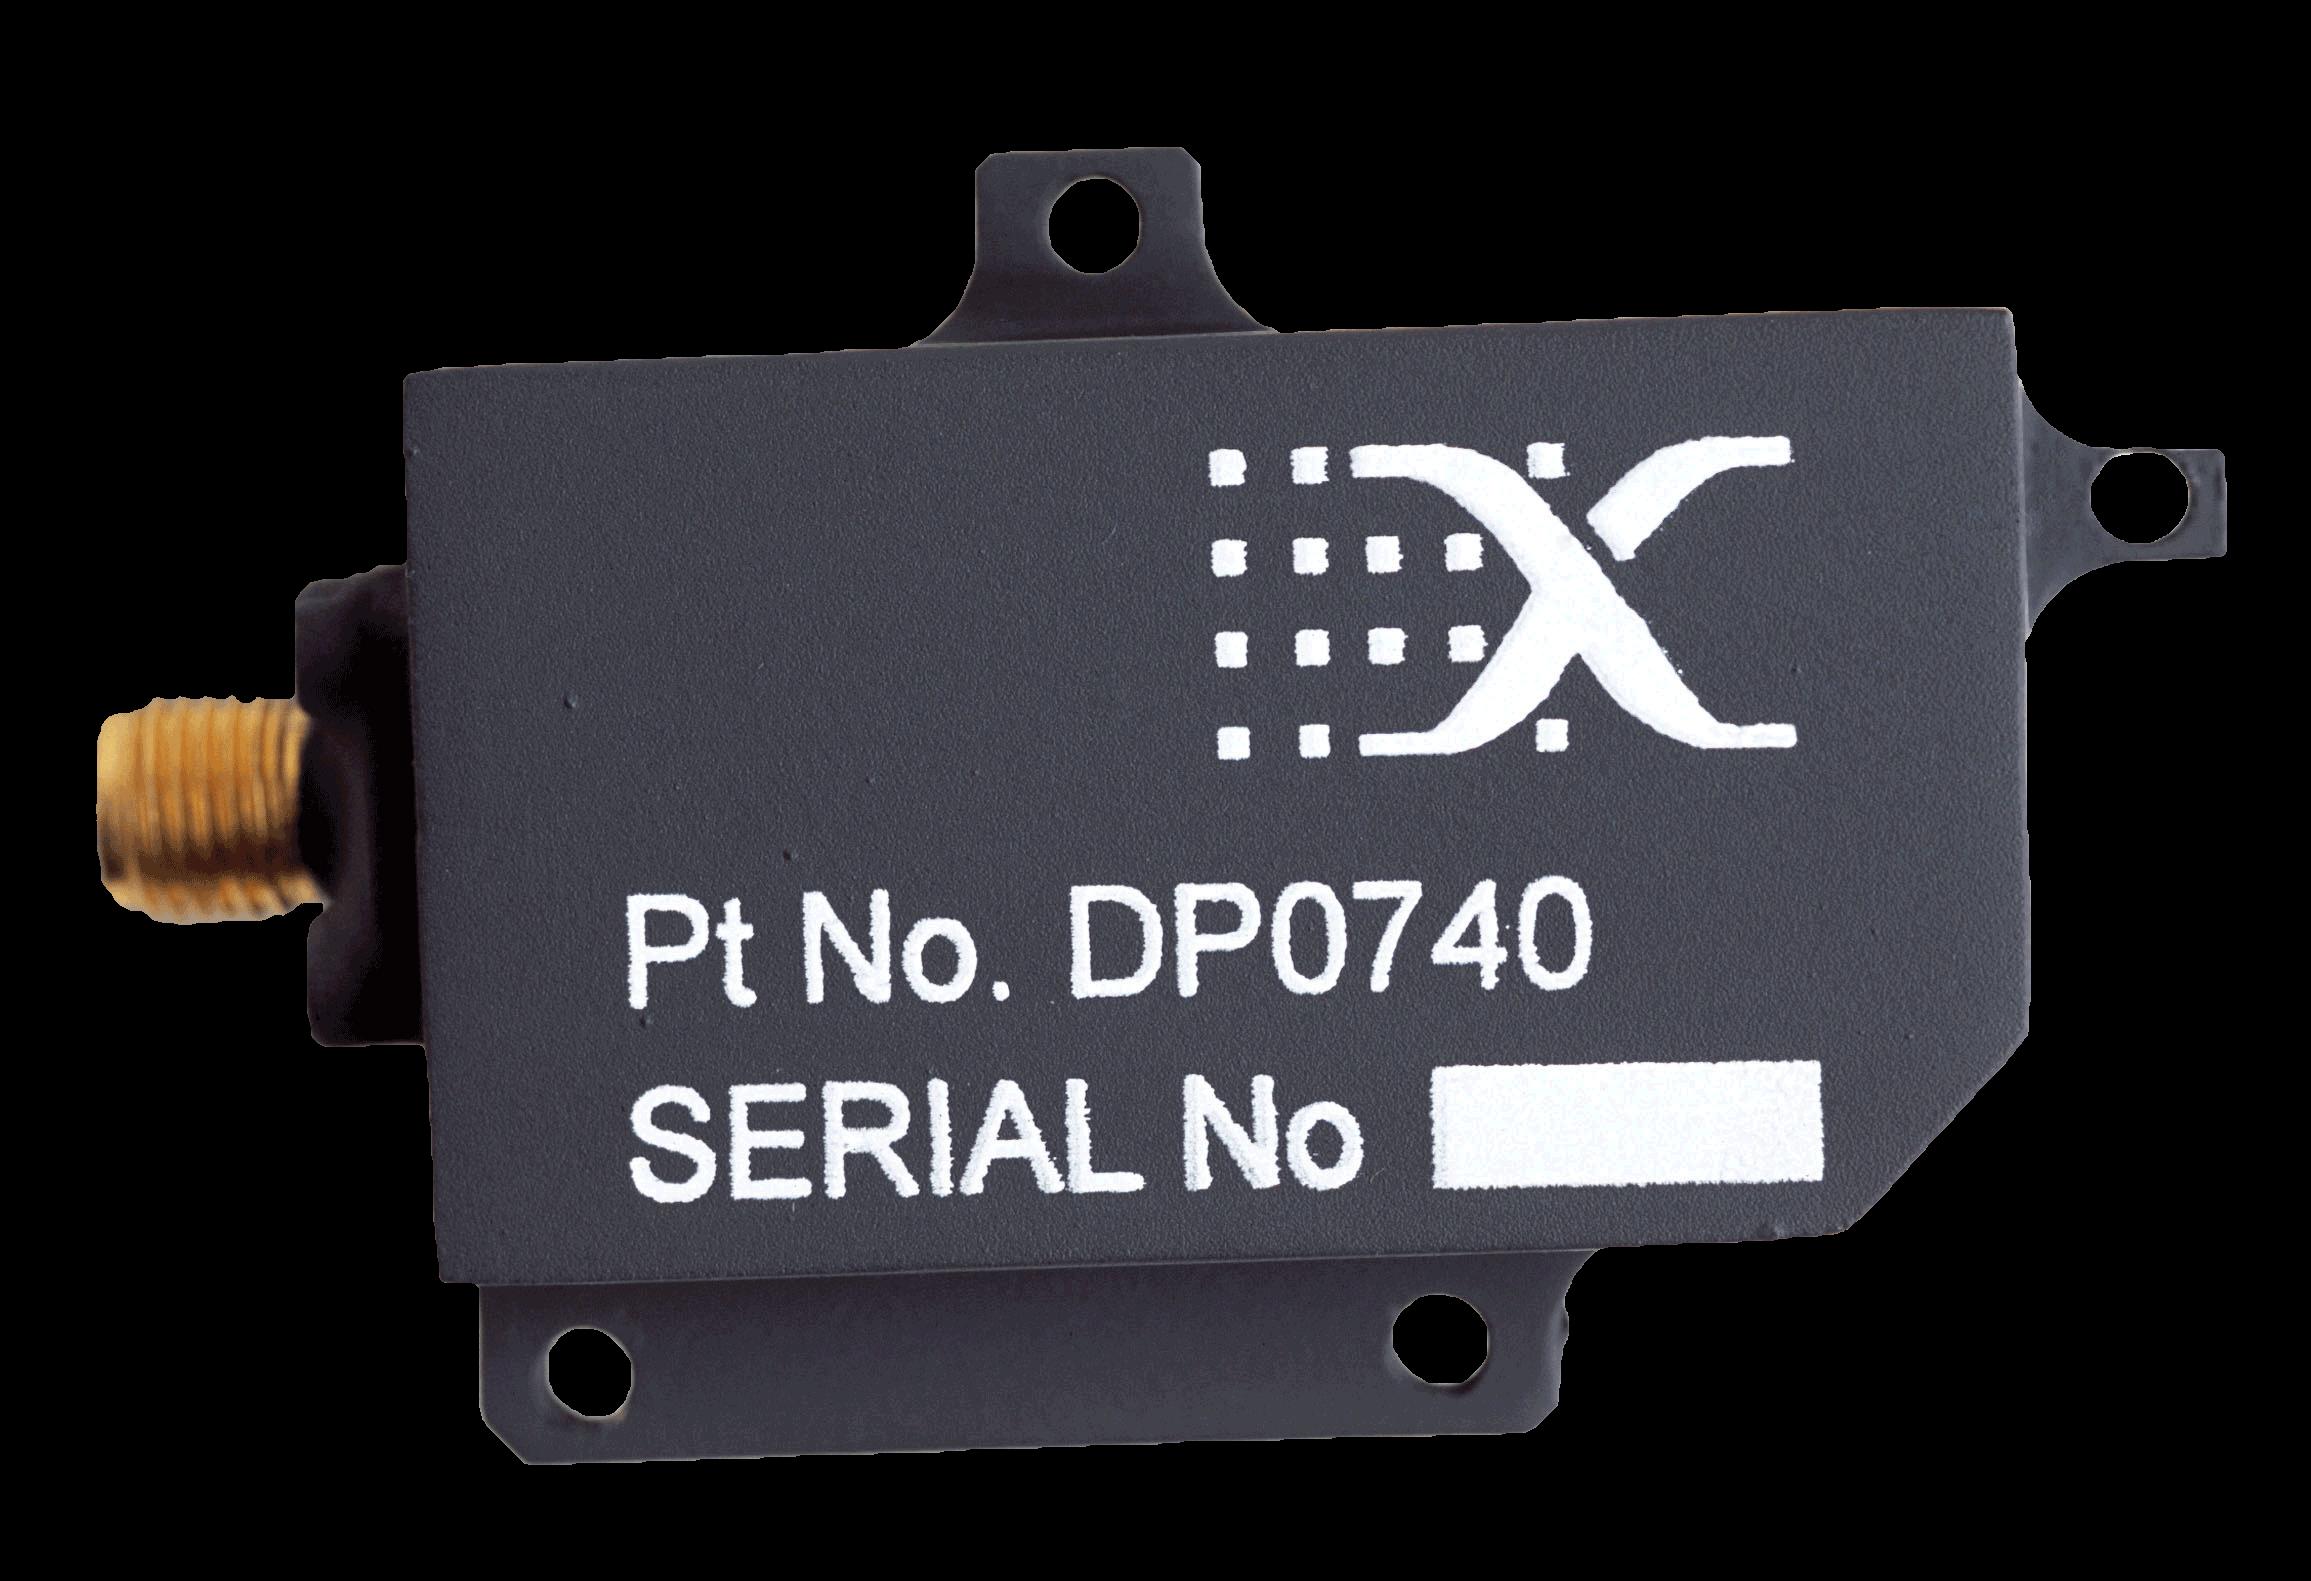 Diplexer 0740 2